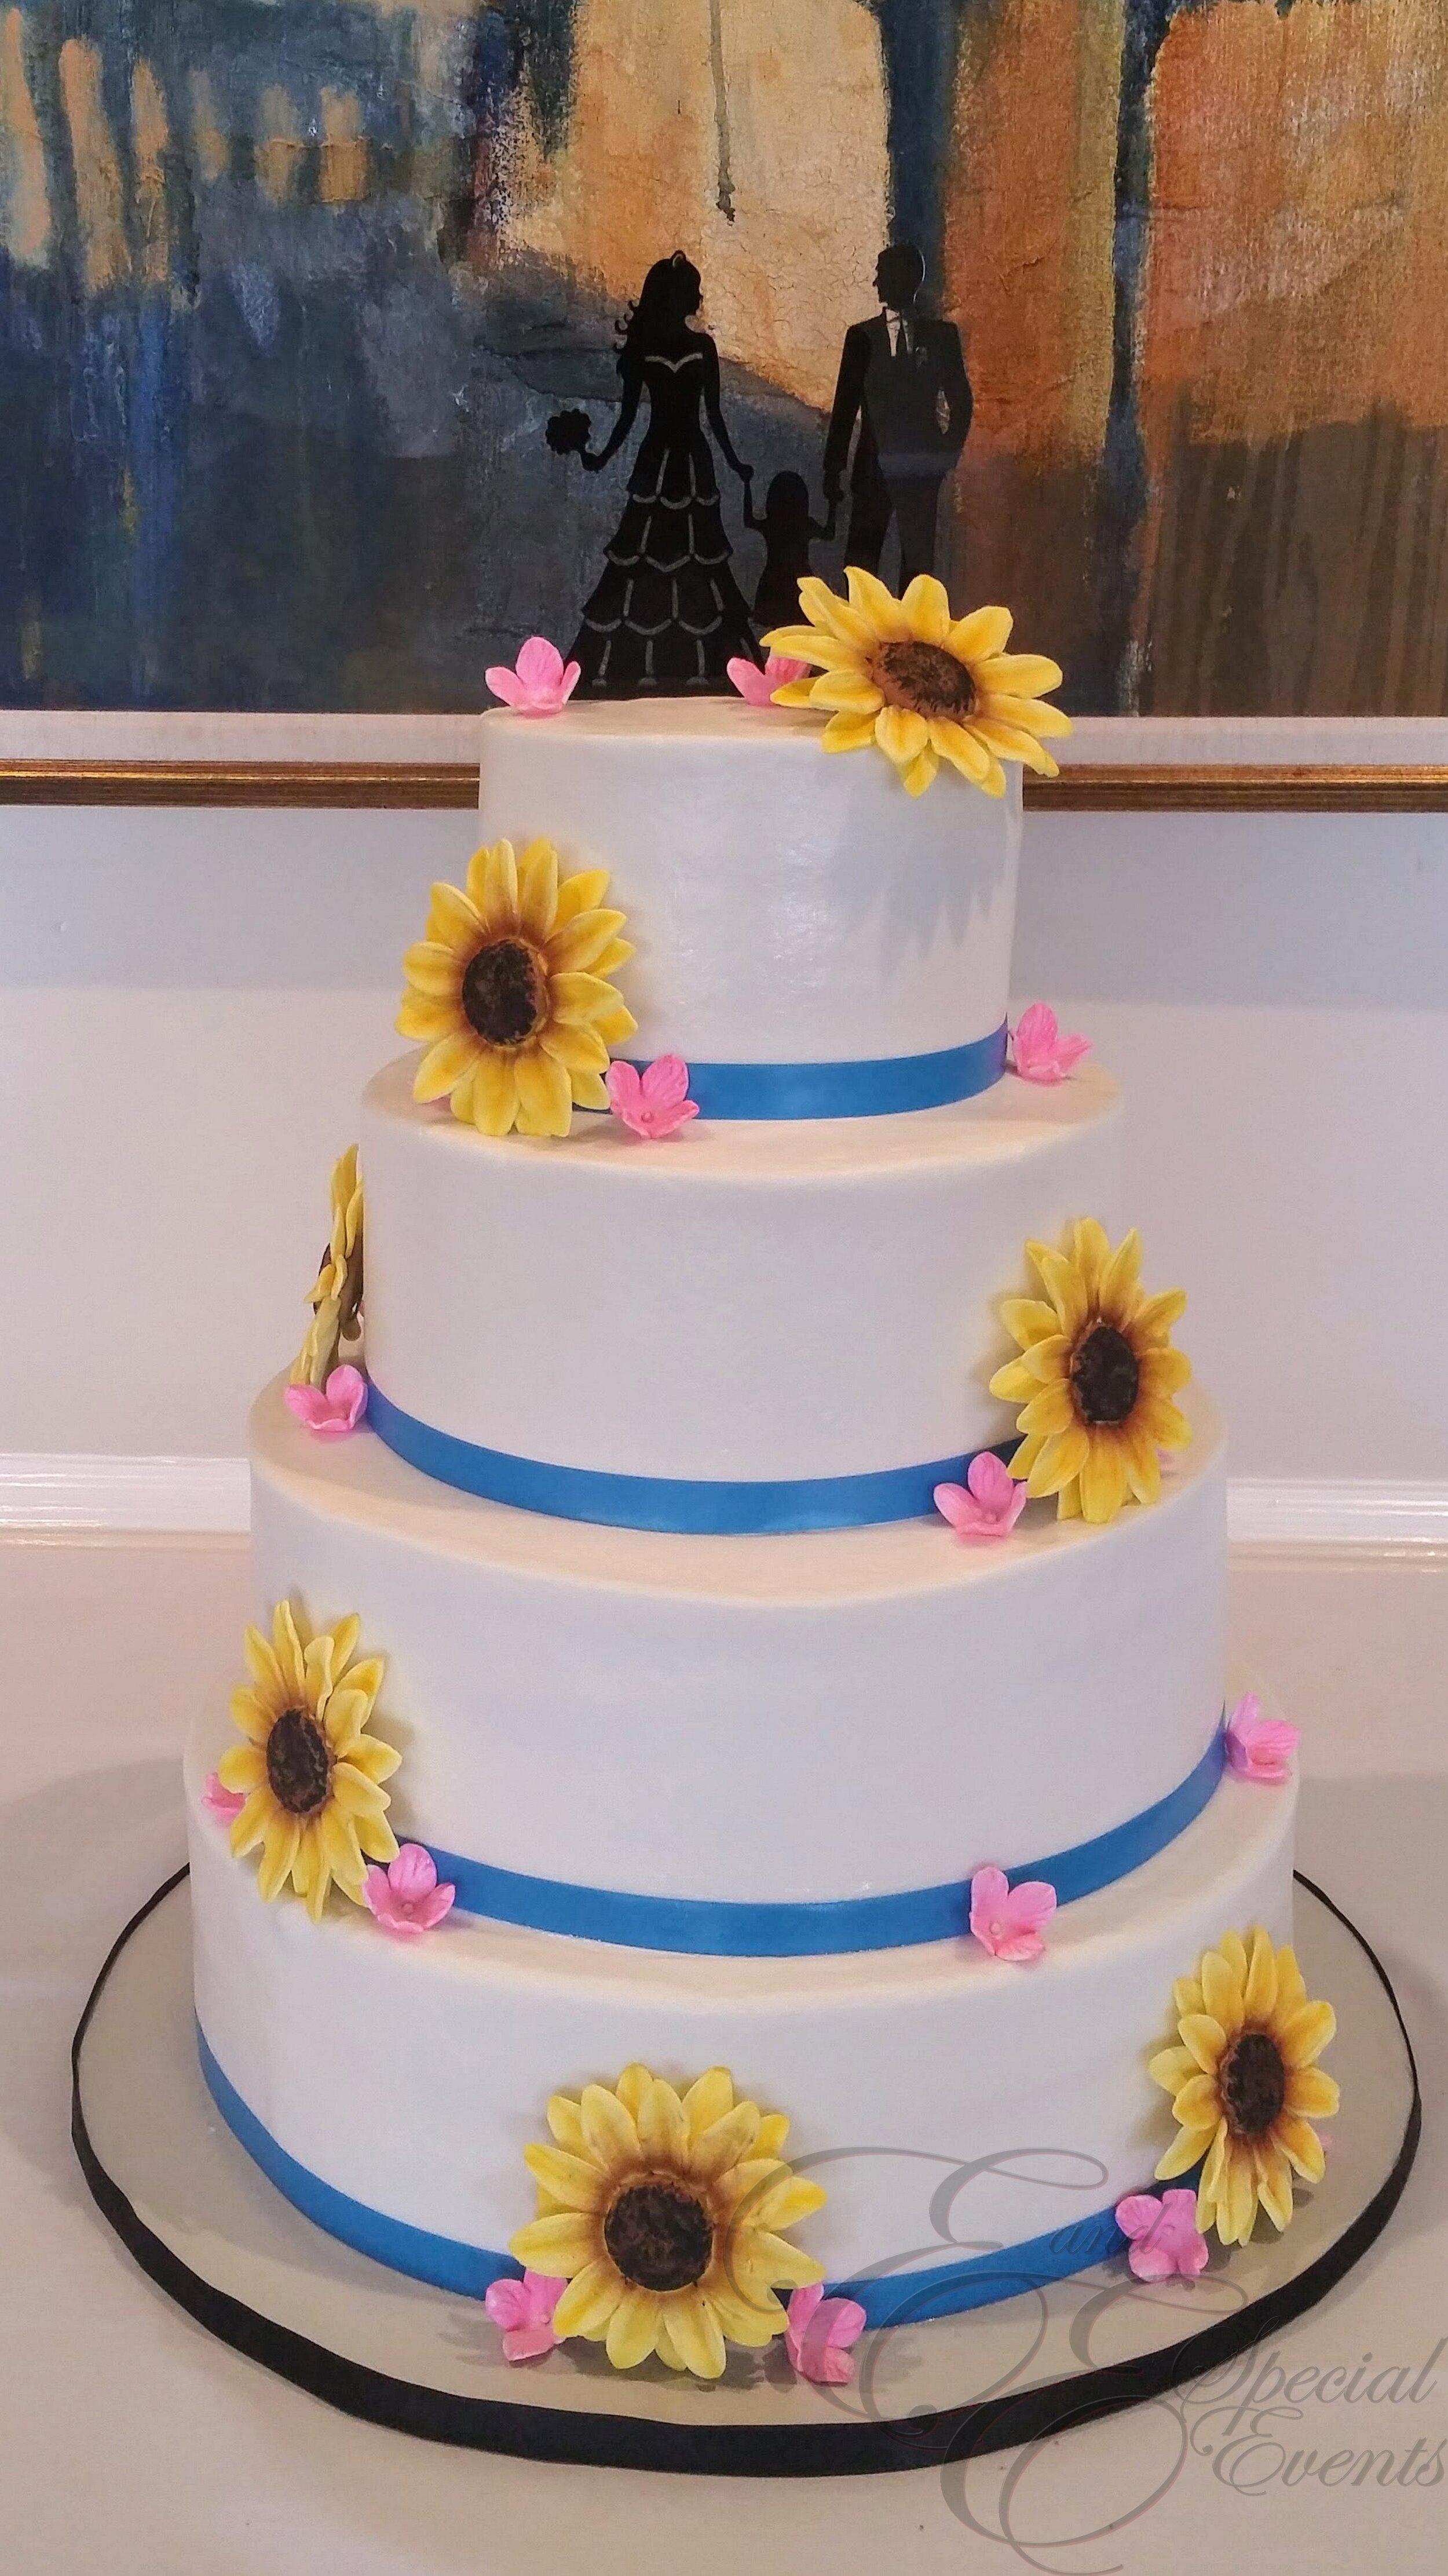 wedding_cakes_E_and_E_Special_Events_virginia_beach_37.jpg